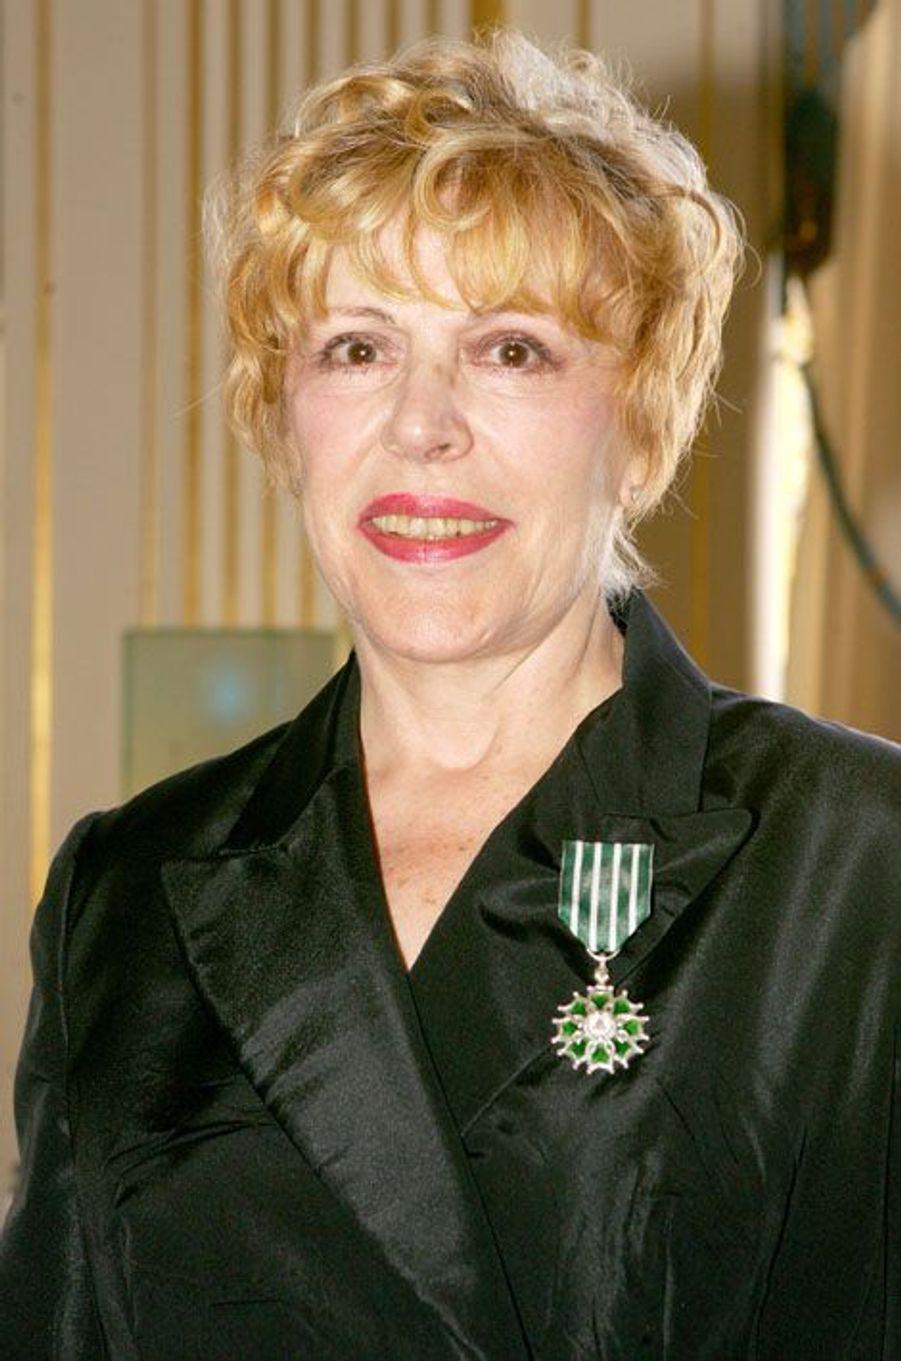 Sylvie Joly à sa remise de l'insigne de Chevalier des Arts et des Lettres, en juin 2006